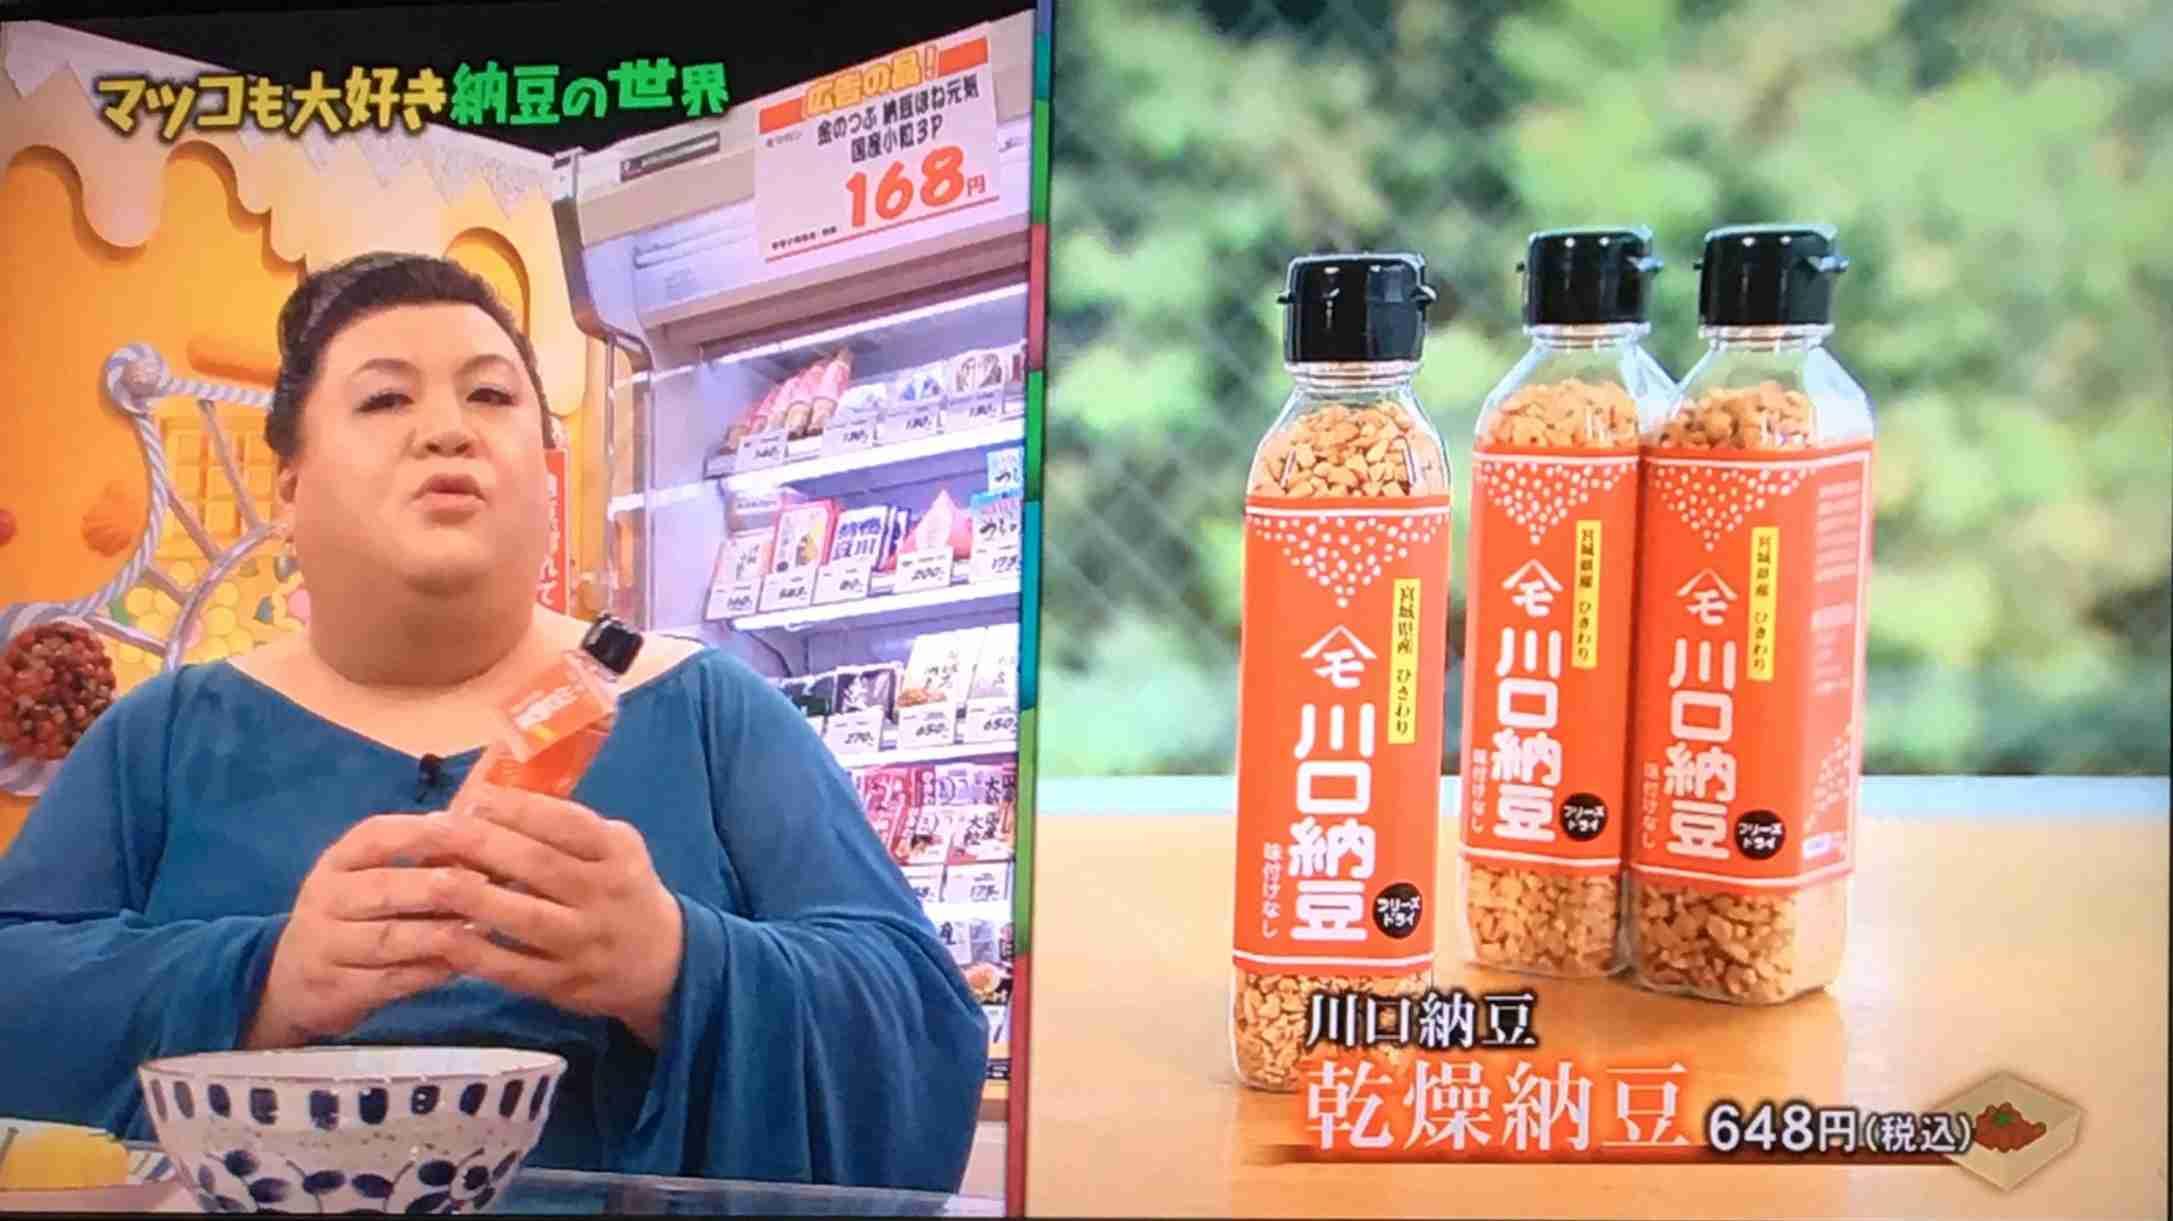 【おいしそう】マツコ・デラックス 納豆を使ったペヤングのアレンジ調理法明かす